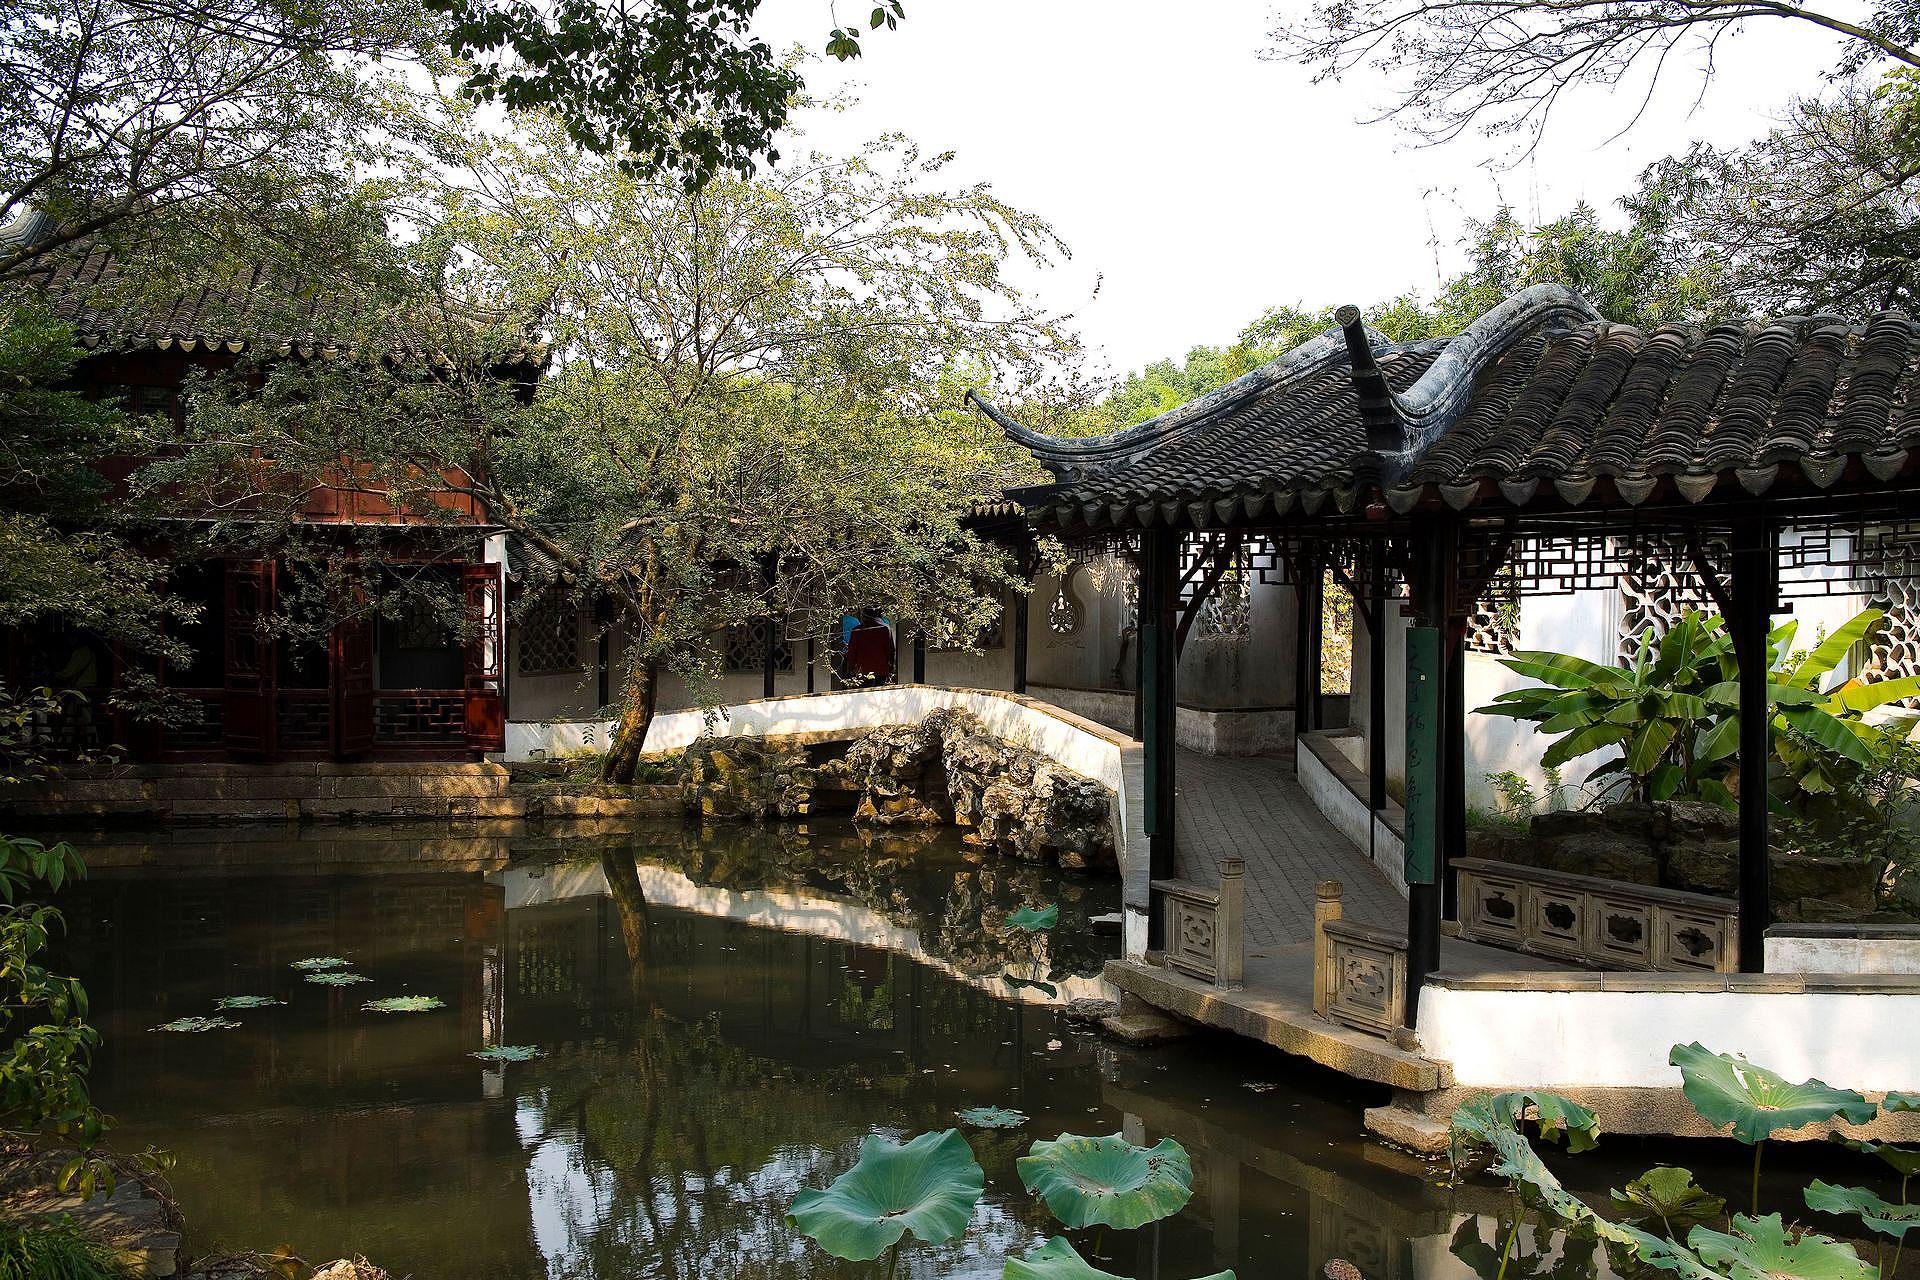 江南风格园林7